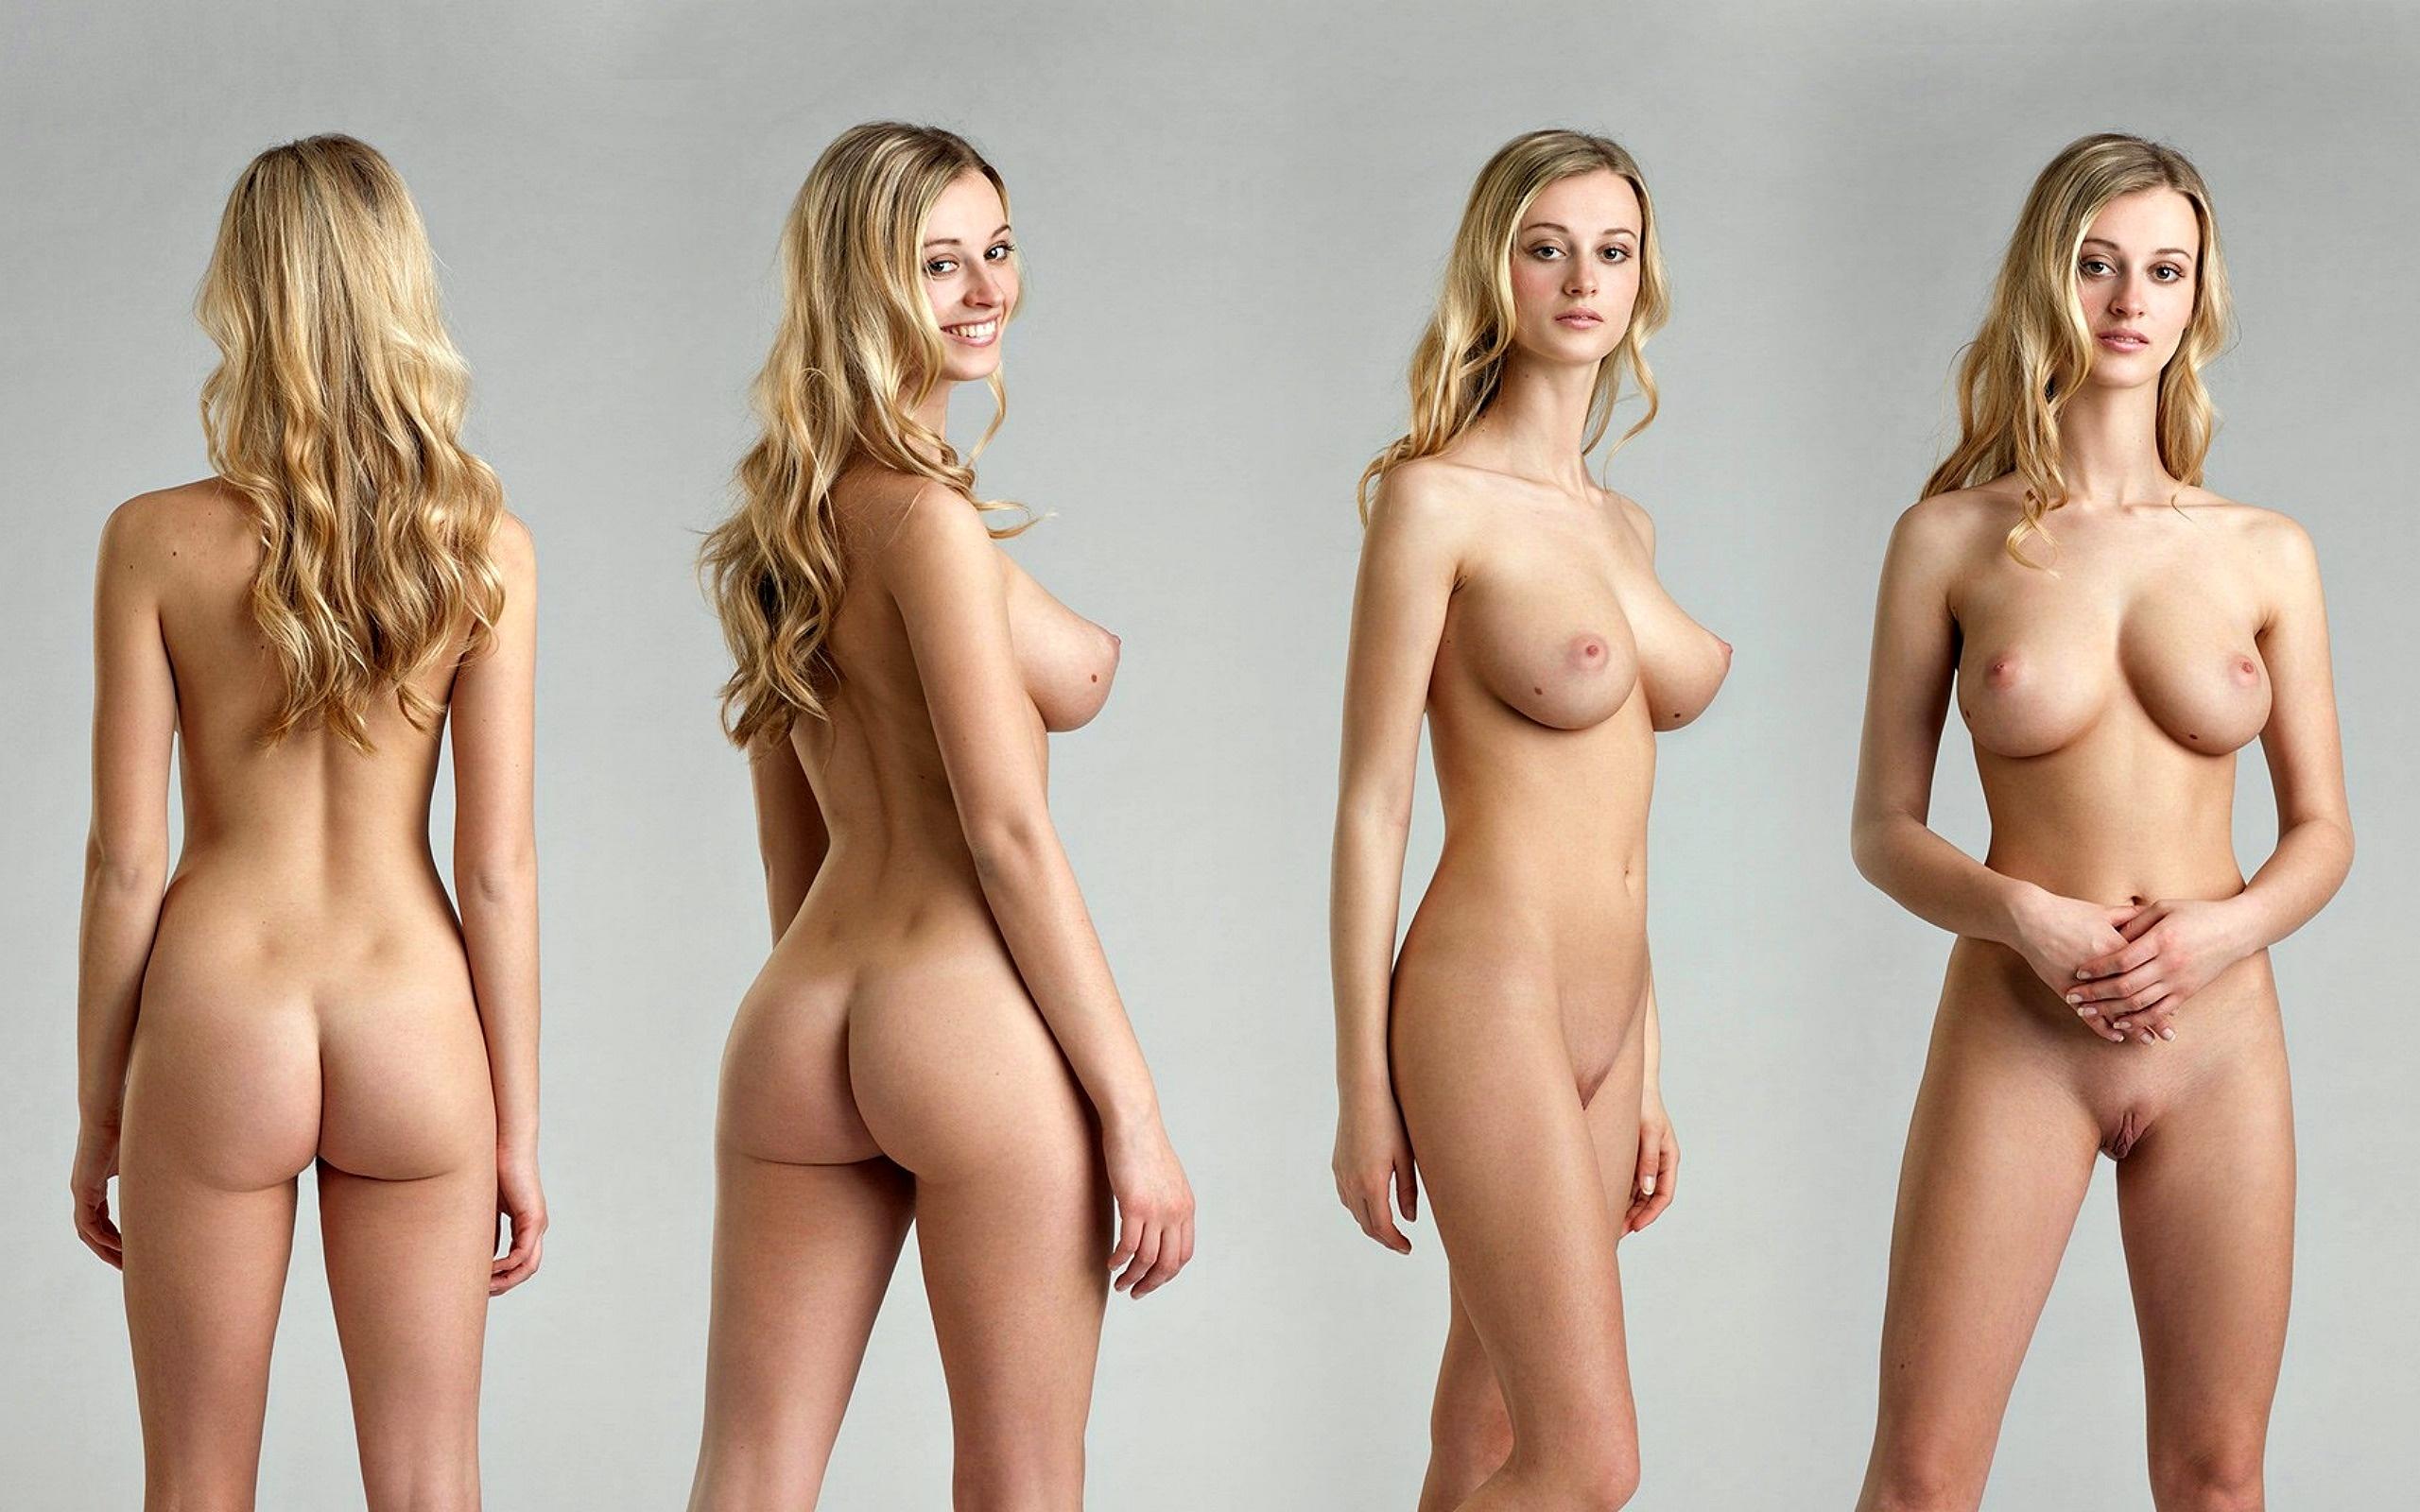 бесплатные фото видео голых девушек